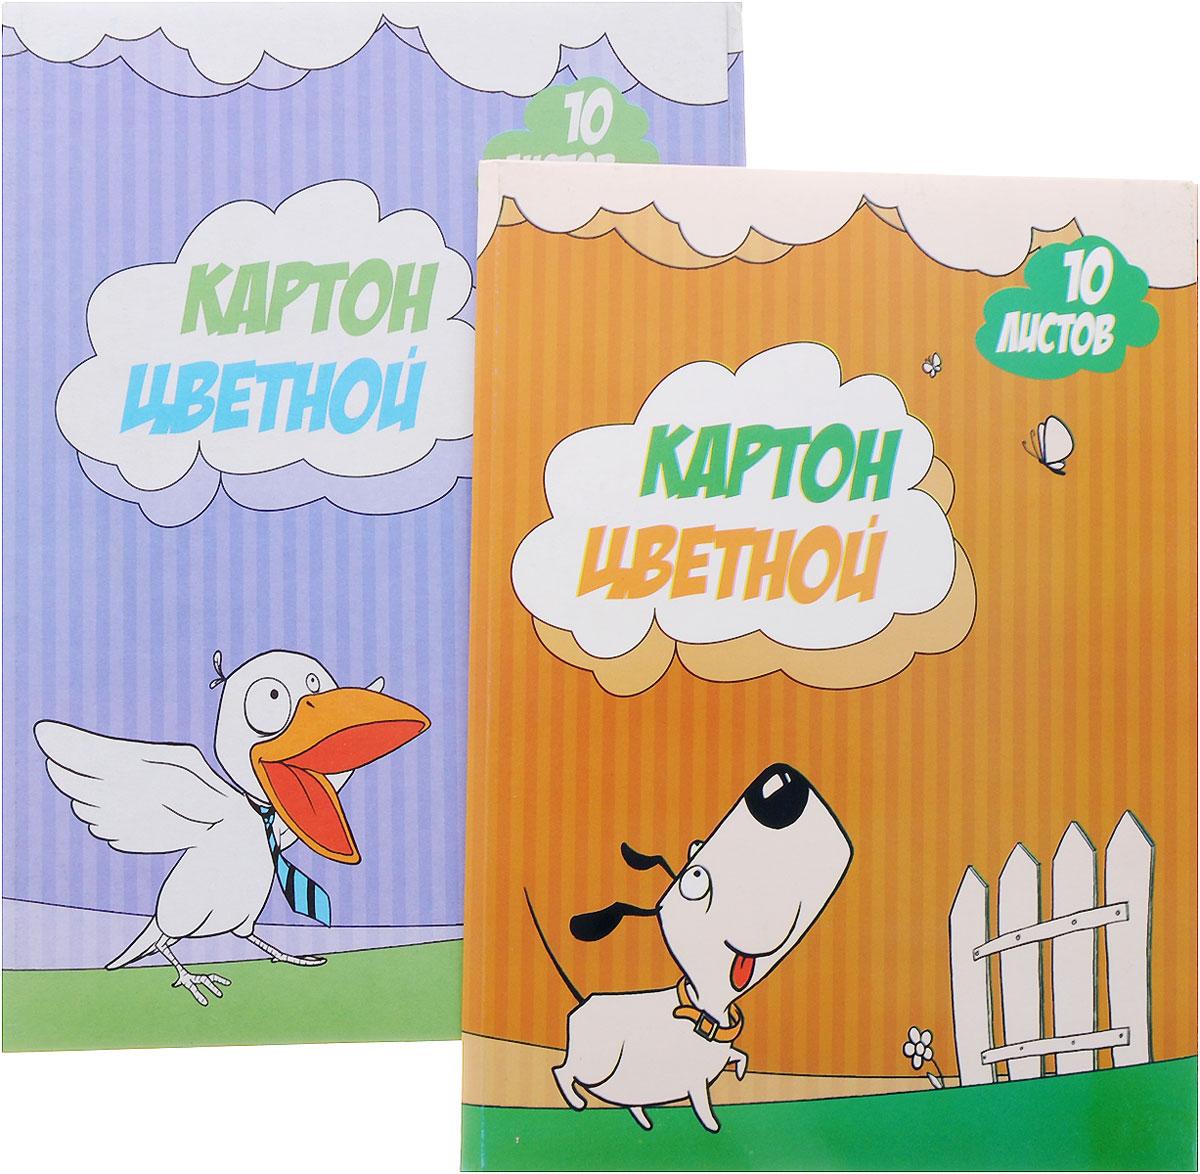 Action! Цветной картон Собачка и ворона 10 листов 2 штACC-10/10M-3_собачка, воронаЦветной картон Action! Собачка и ворона позволит вашему ребенку создавать всевозможные аппликации и поделки. В комплекте два набора цветного картона по 10 листов. Каждый набор состоит из 10 листов картона красного, синего, черного, белого, желтого, оранжевого, зеленого, коричневого а также золотистого и серебристого цветов. Листы упакованы в яркую оригинальную картонную папку с изображением милой собачки и вороны. Создание поделок из лакированного картона поможет ребенку в развитии творческих способностей, кроме того, это увлекательный досуг.